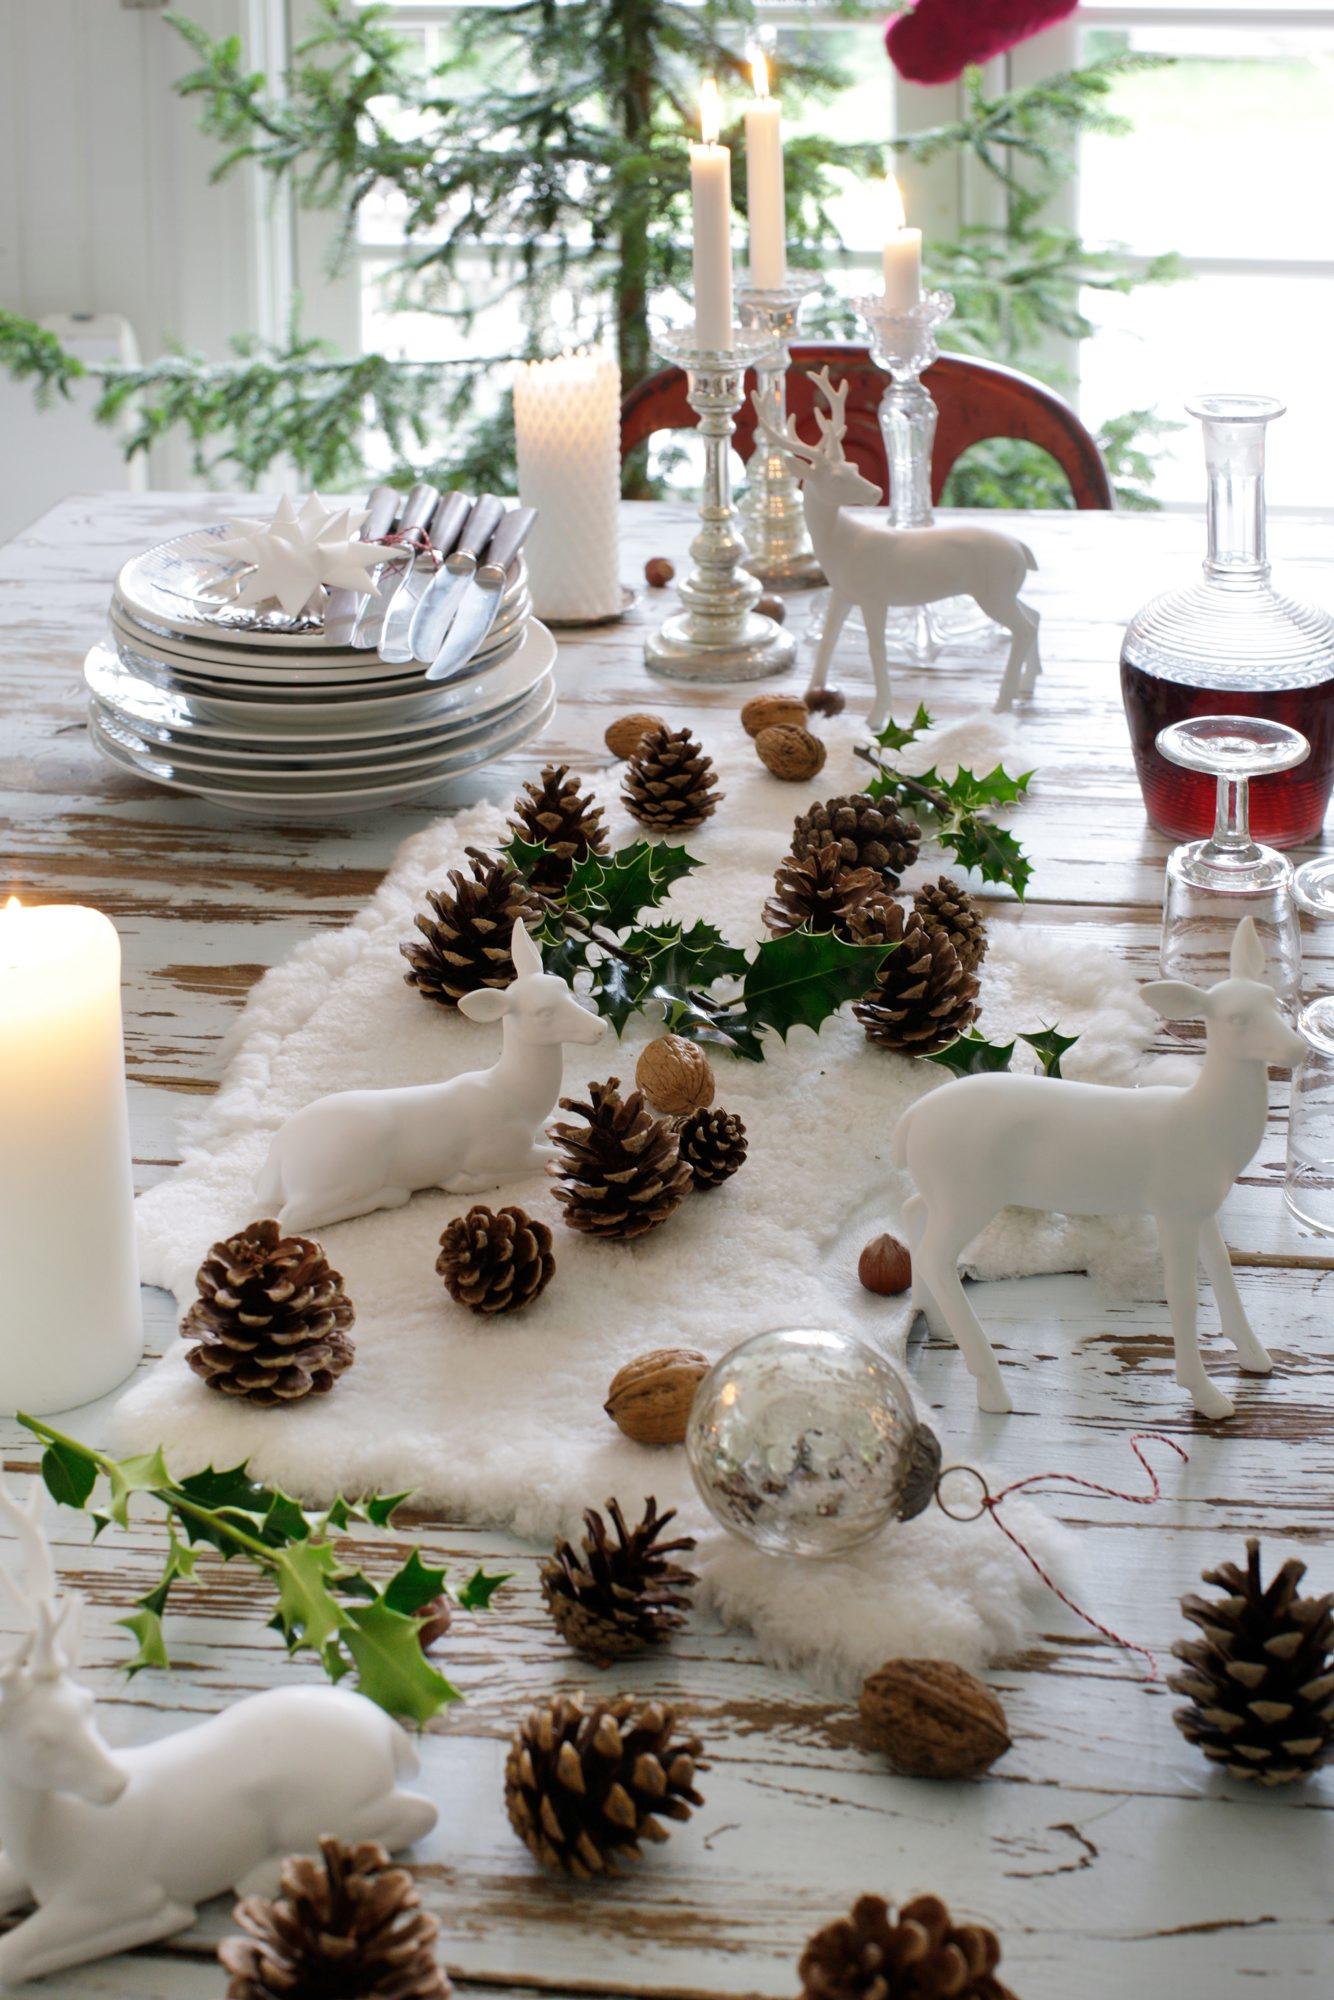 bord pyntet til jul med kongler